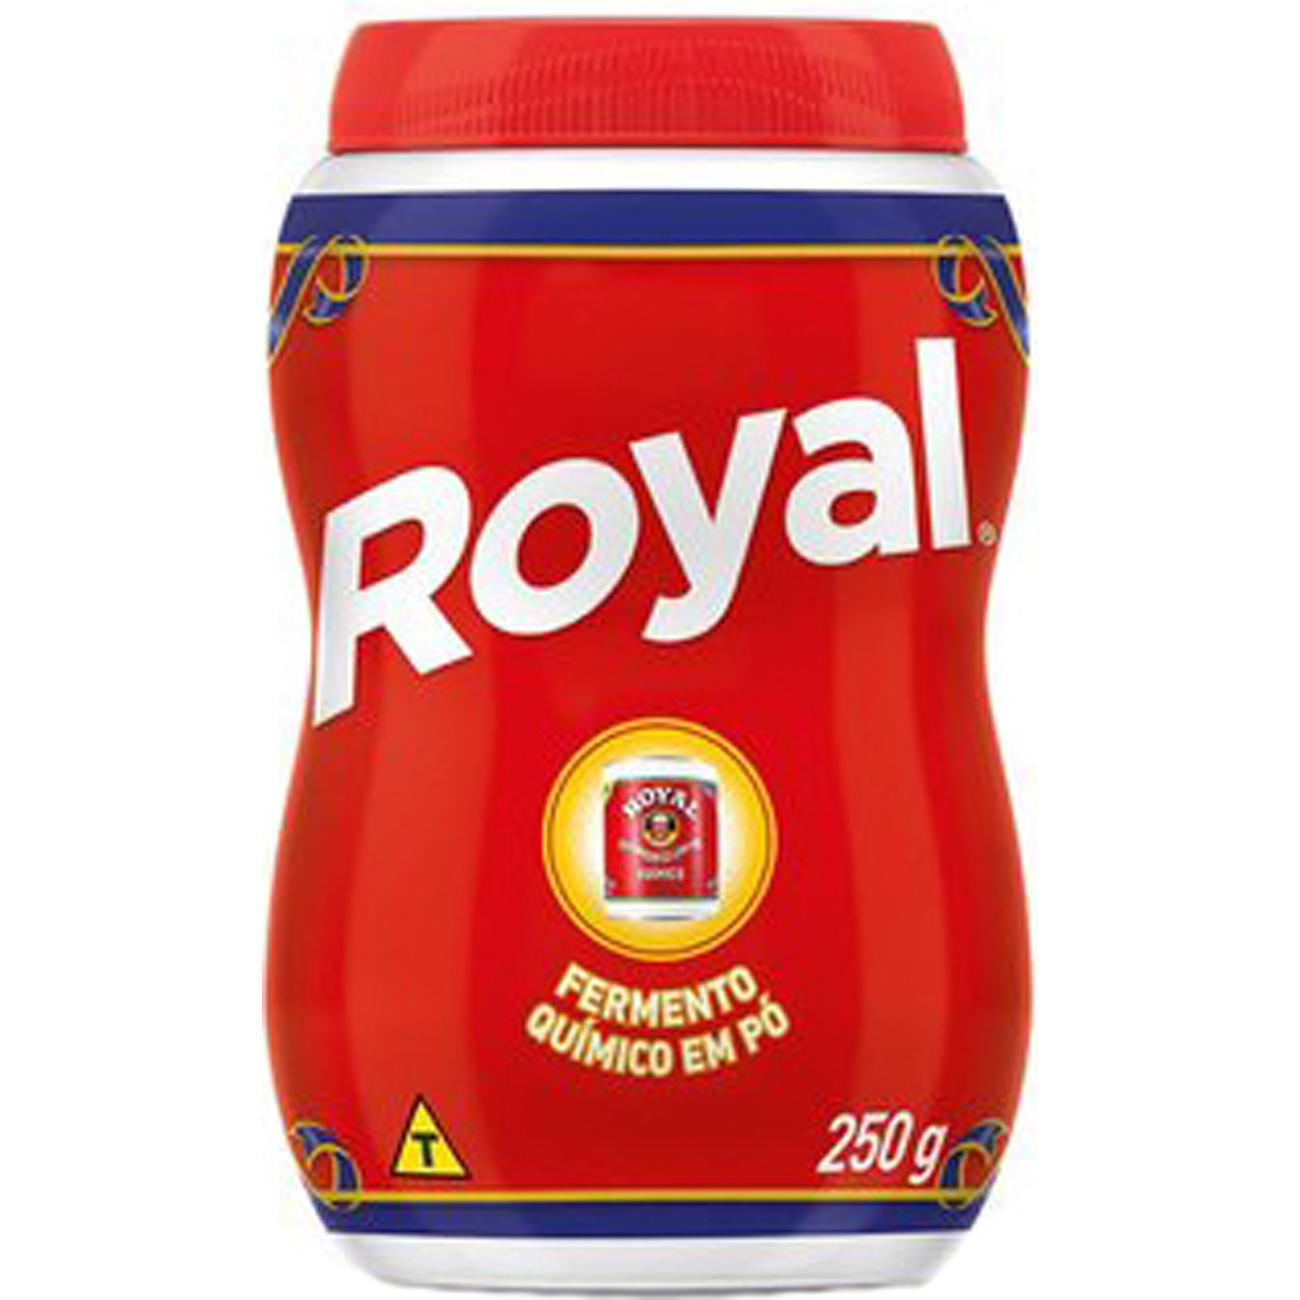 Fermento Royal Po 250G